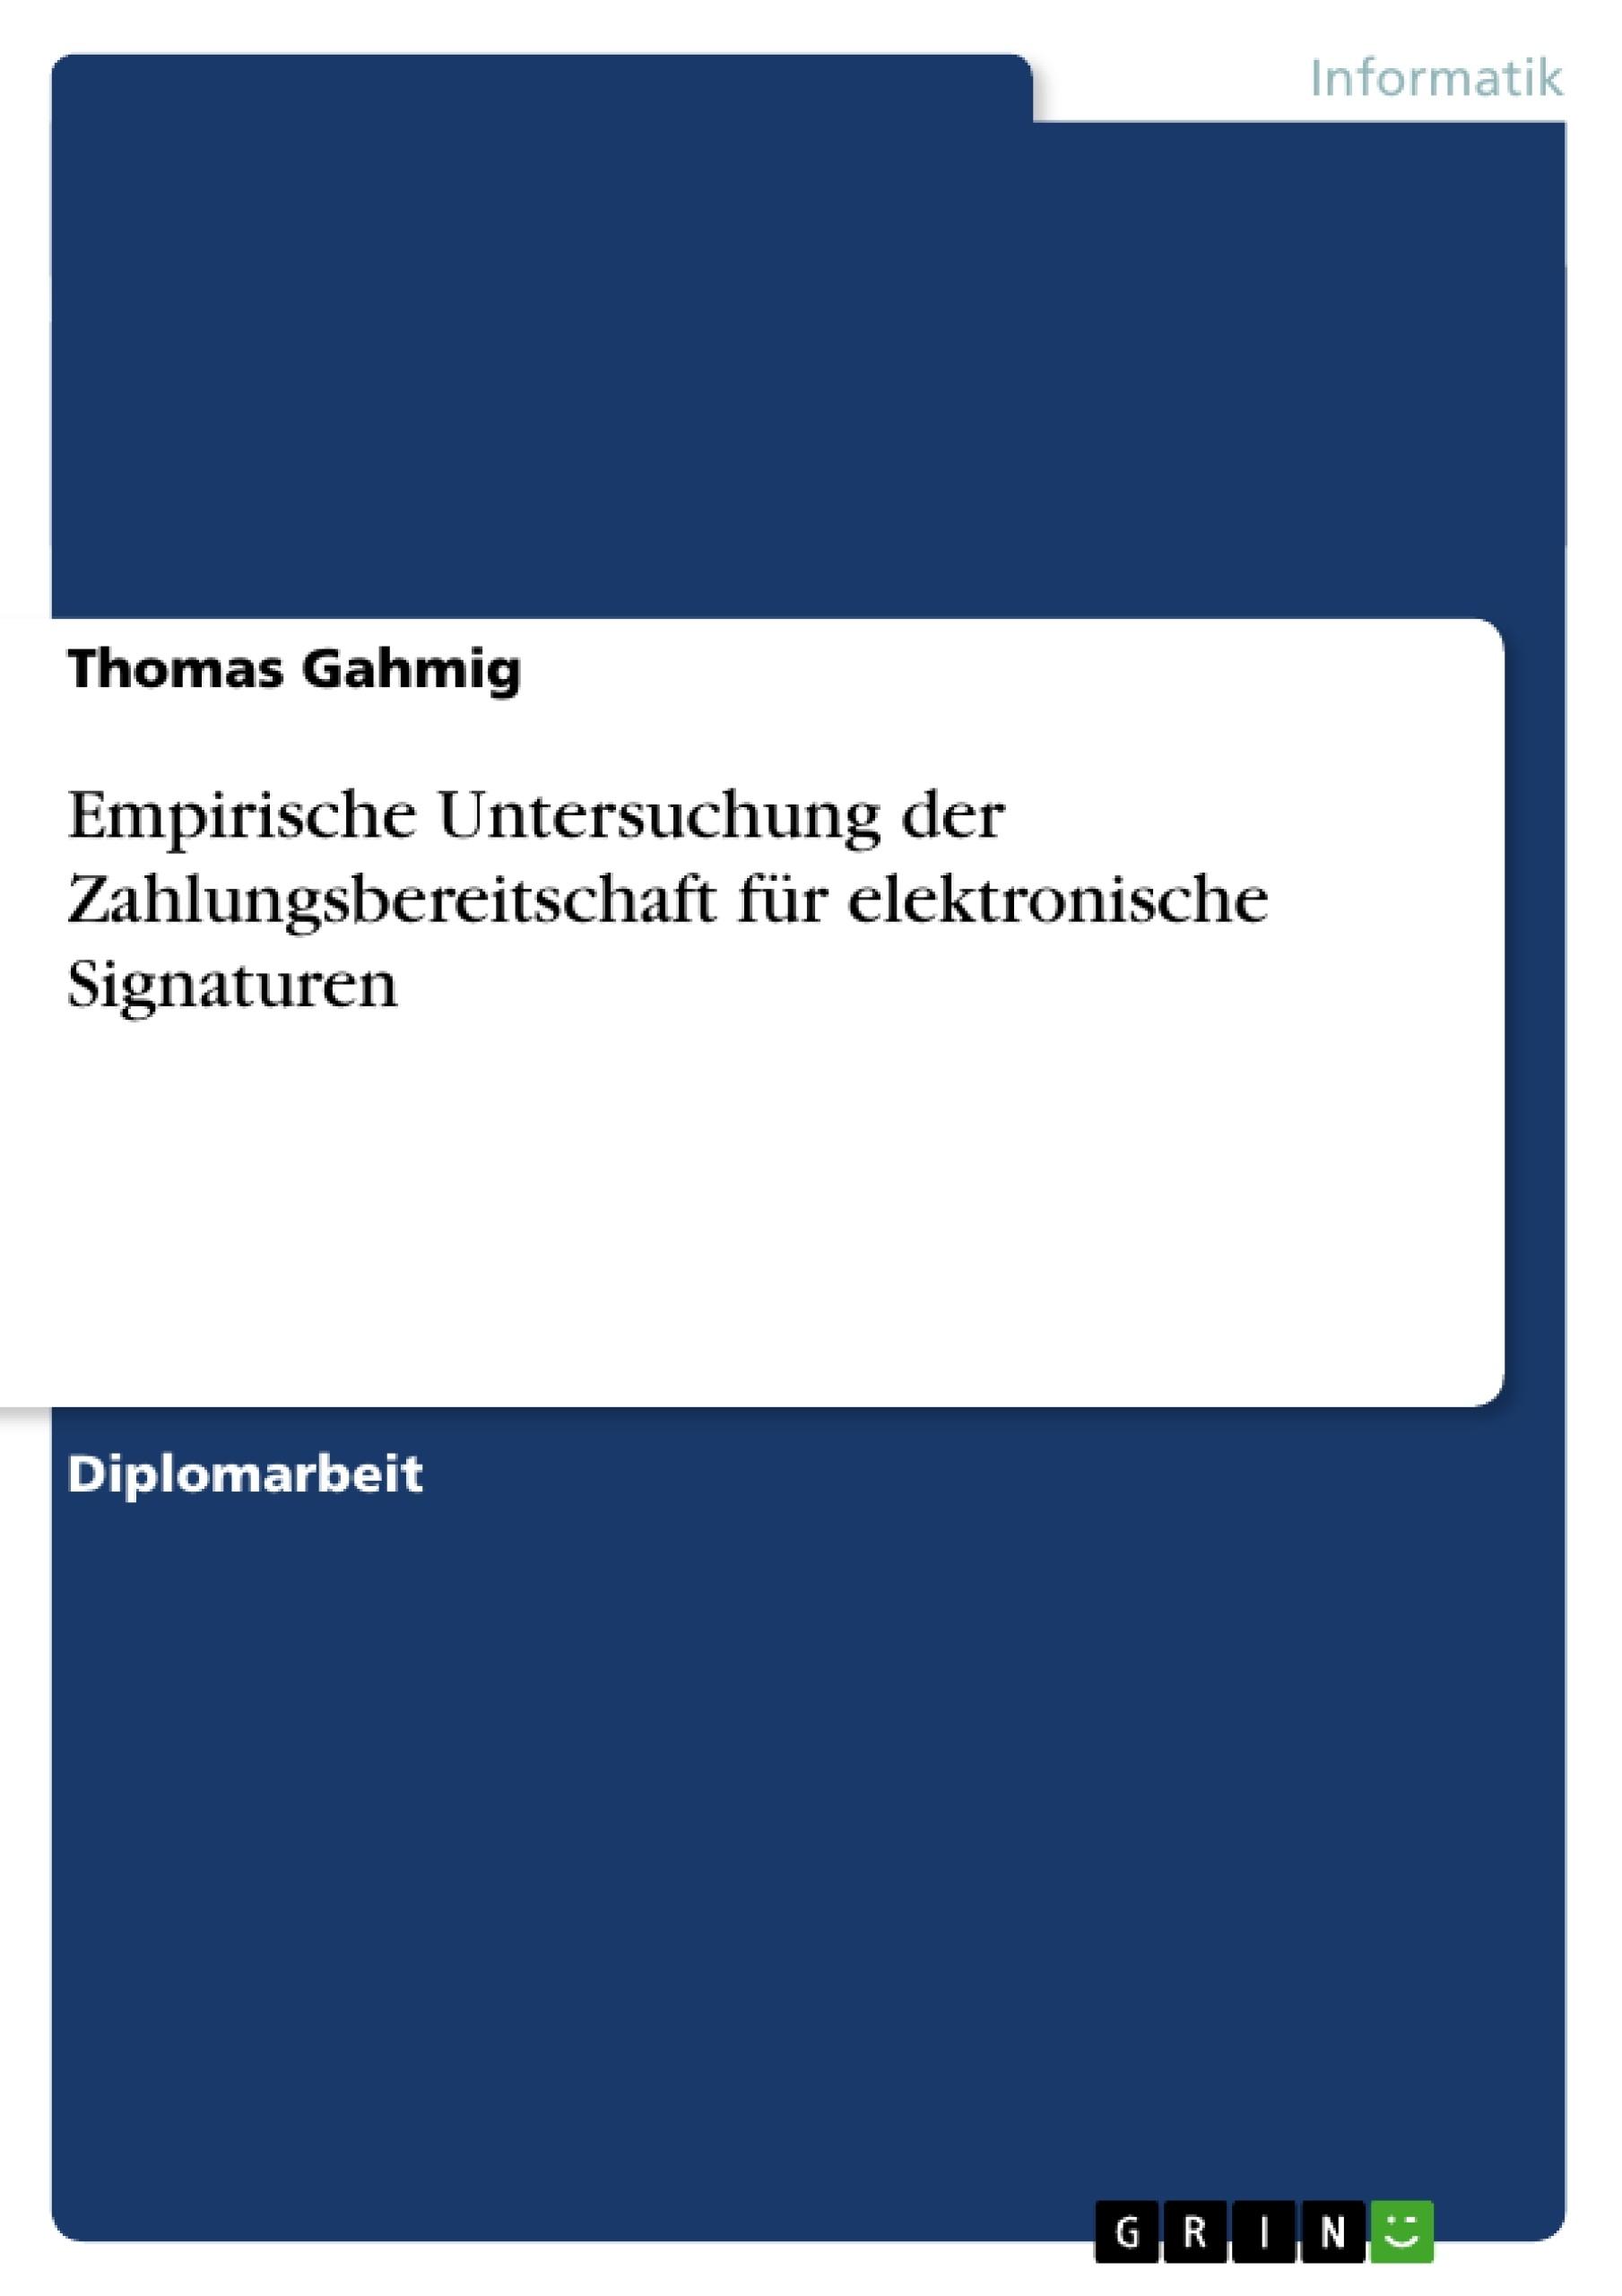 Titel: Empirische Untersuchung der Zahlungsbereitschaft für elektronische Signaturen